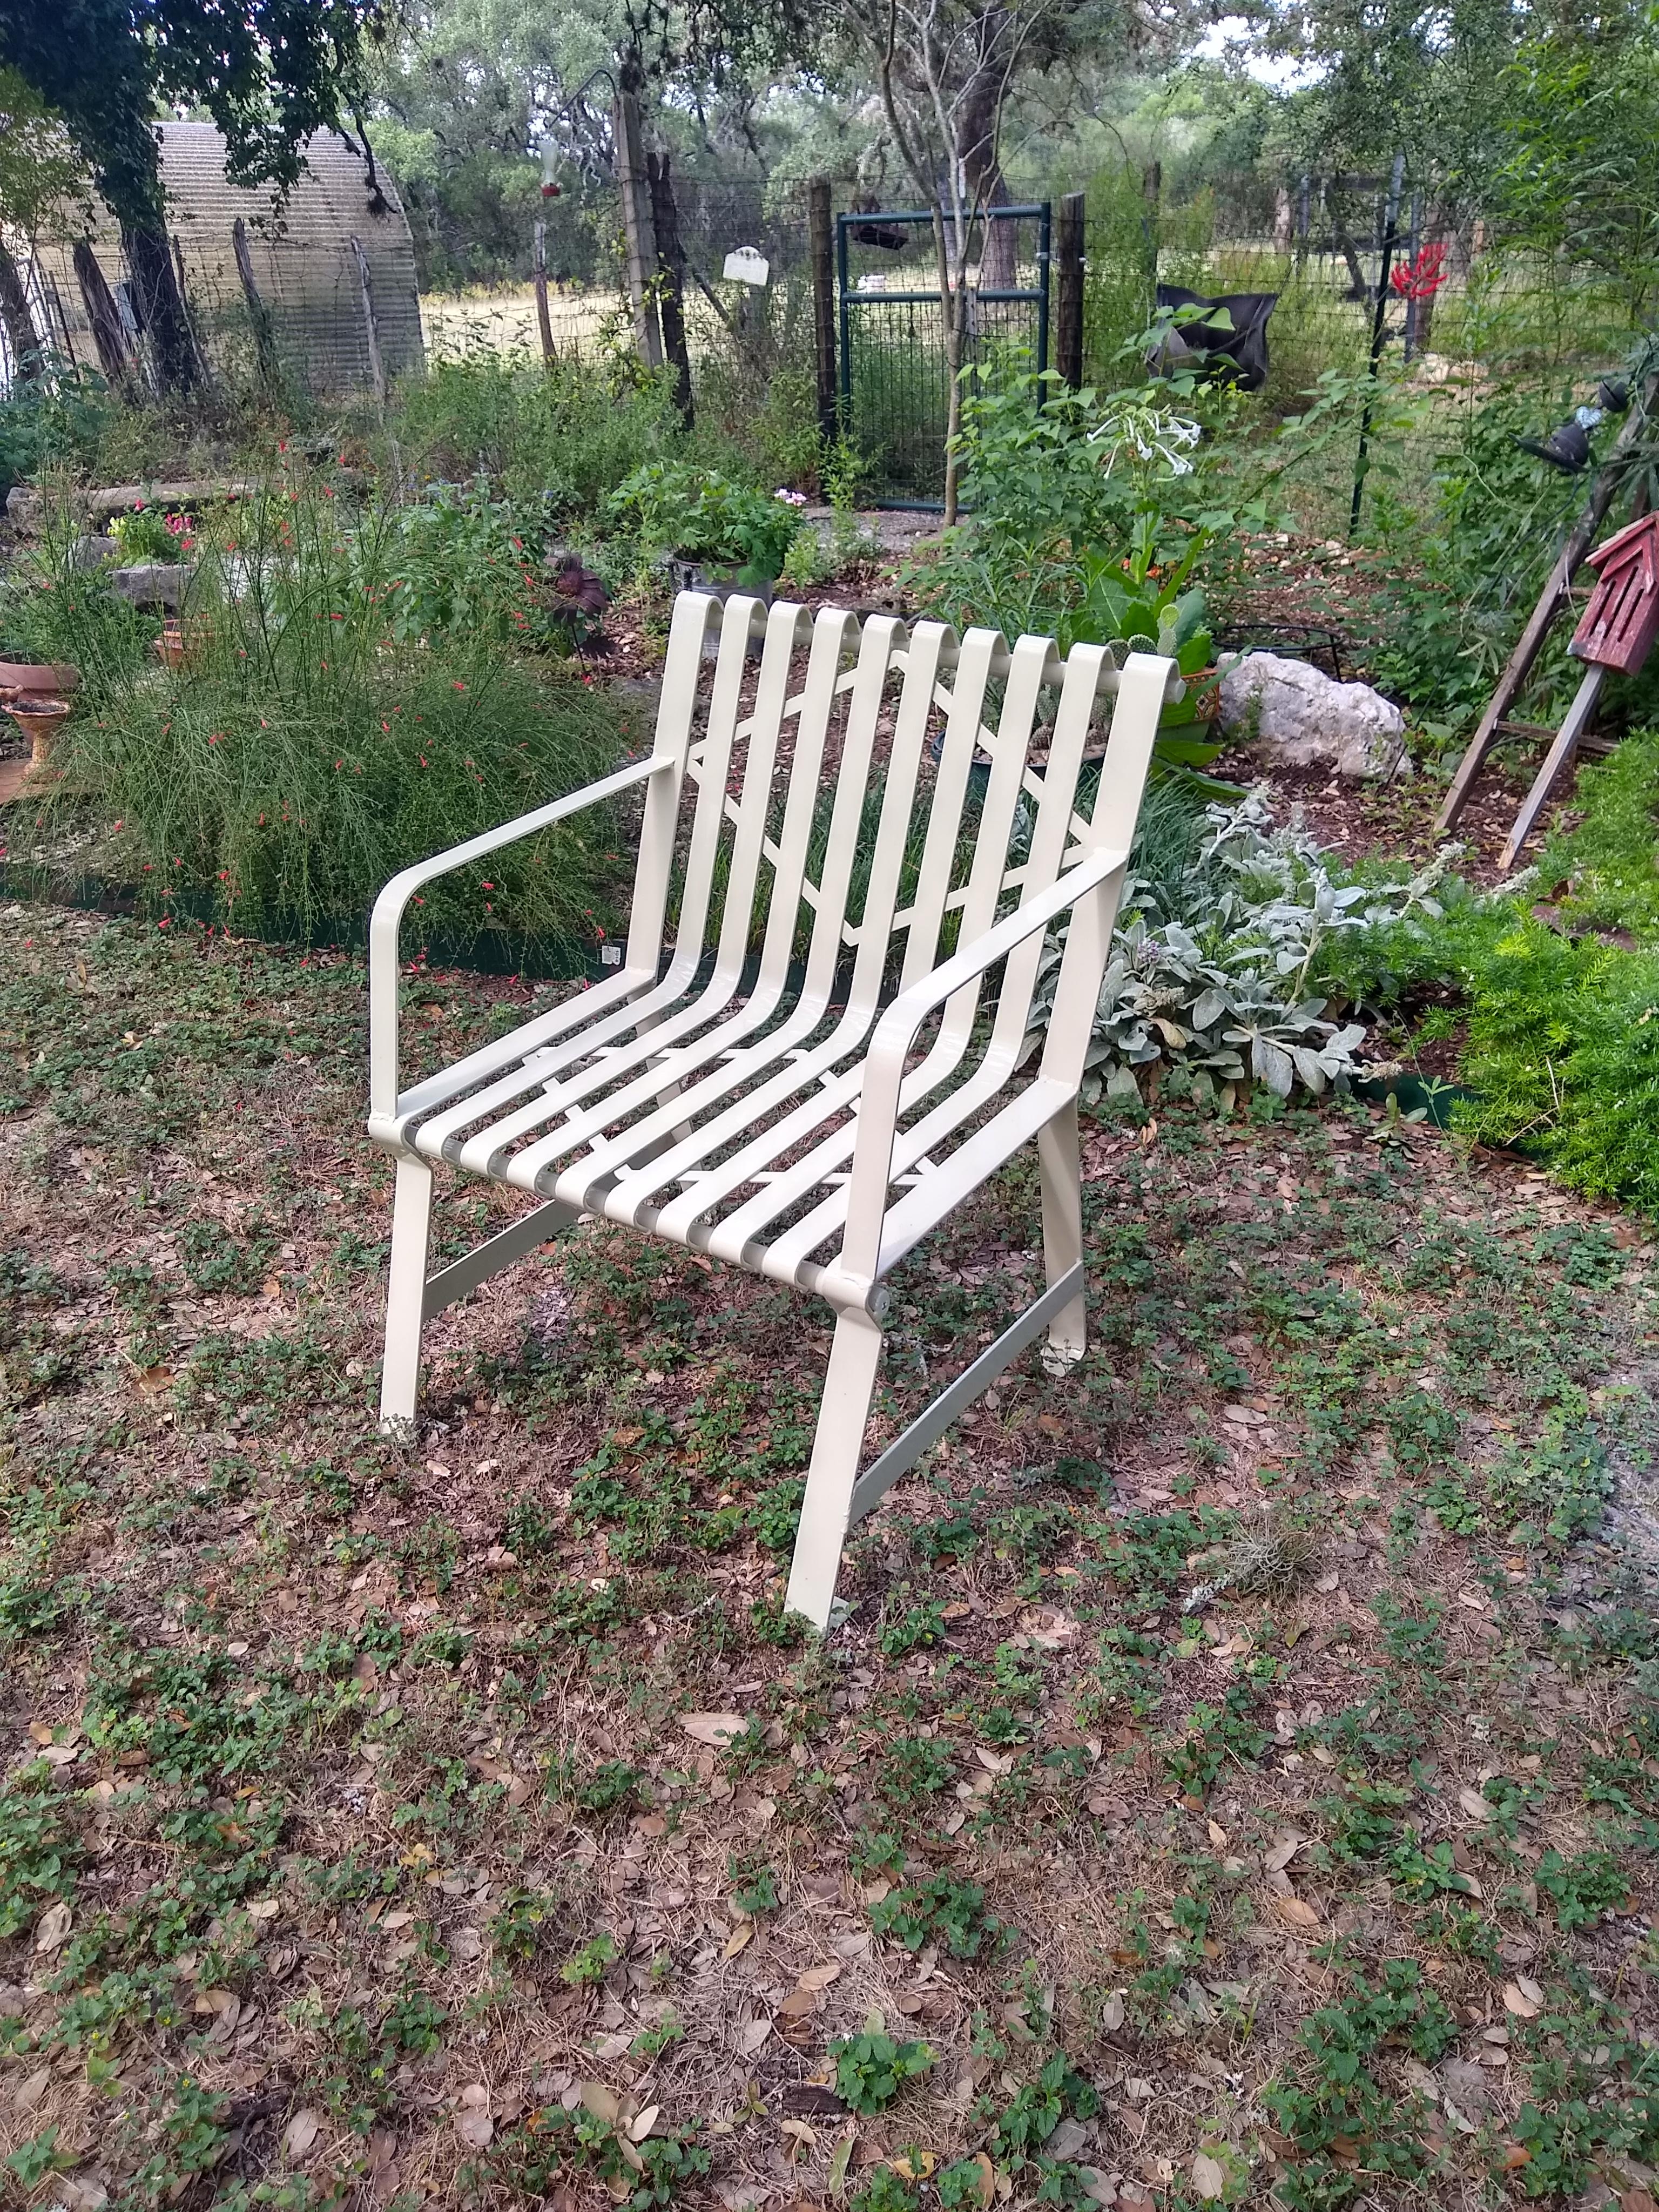 T-Hanger Chair